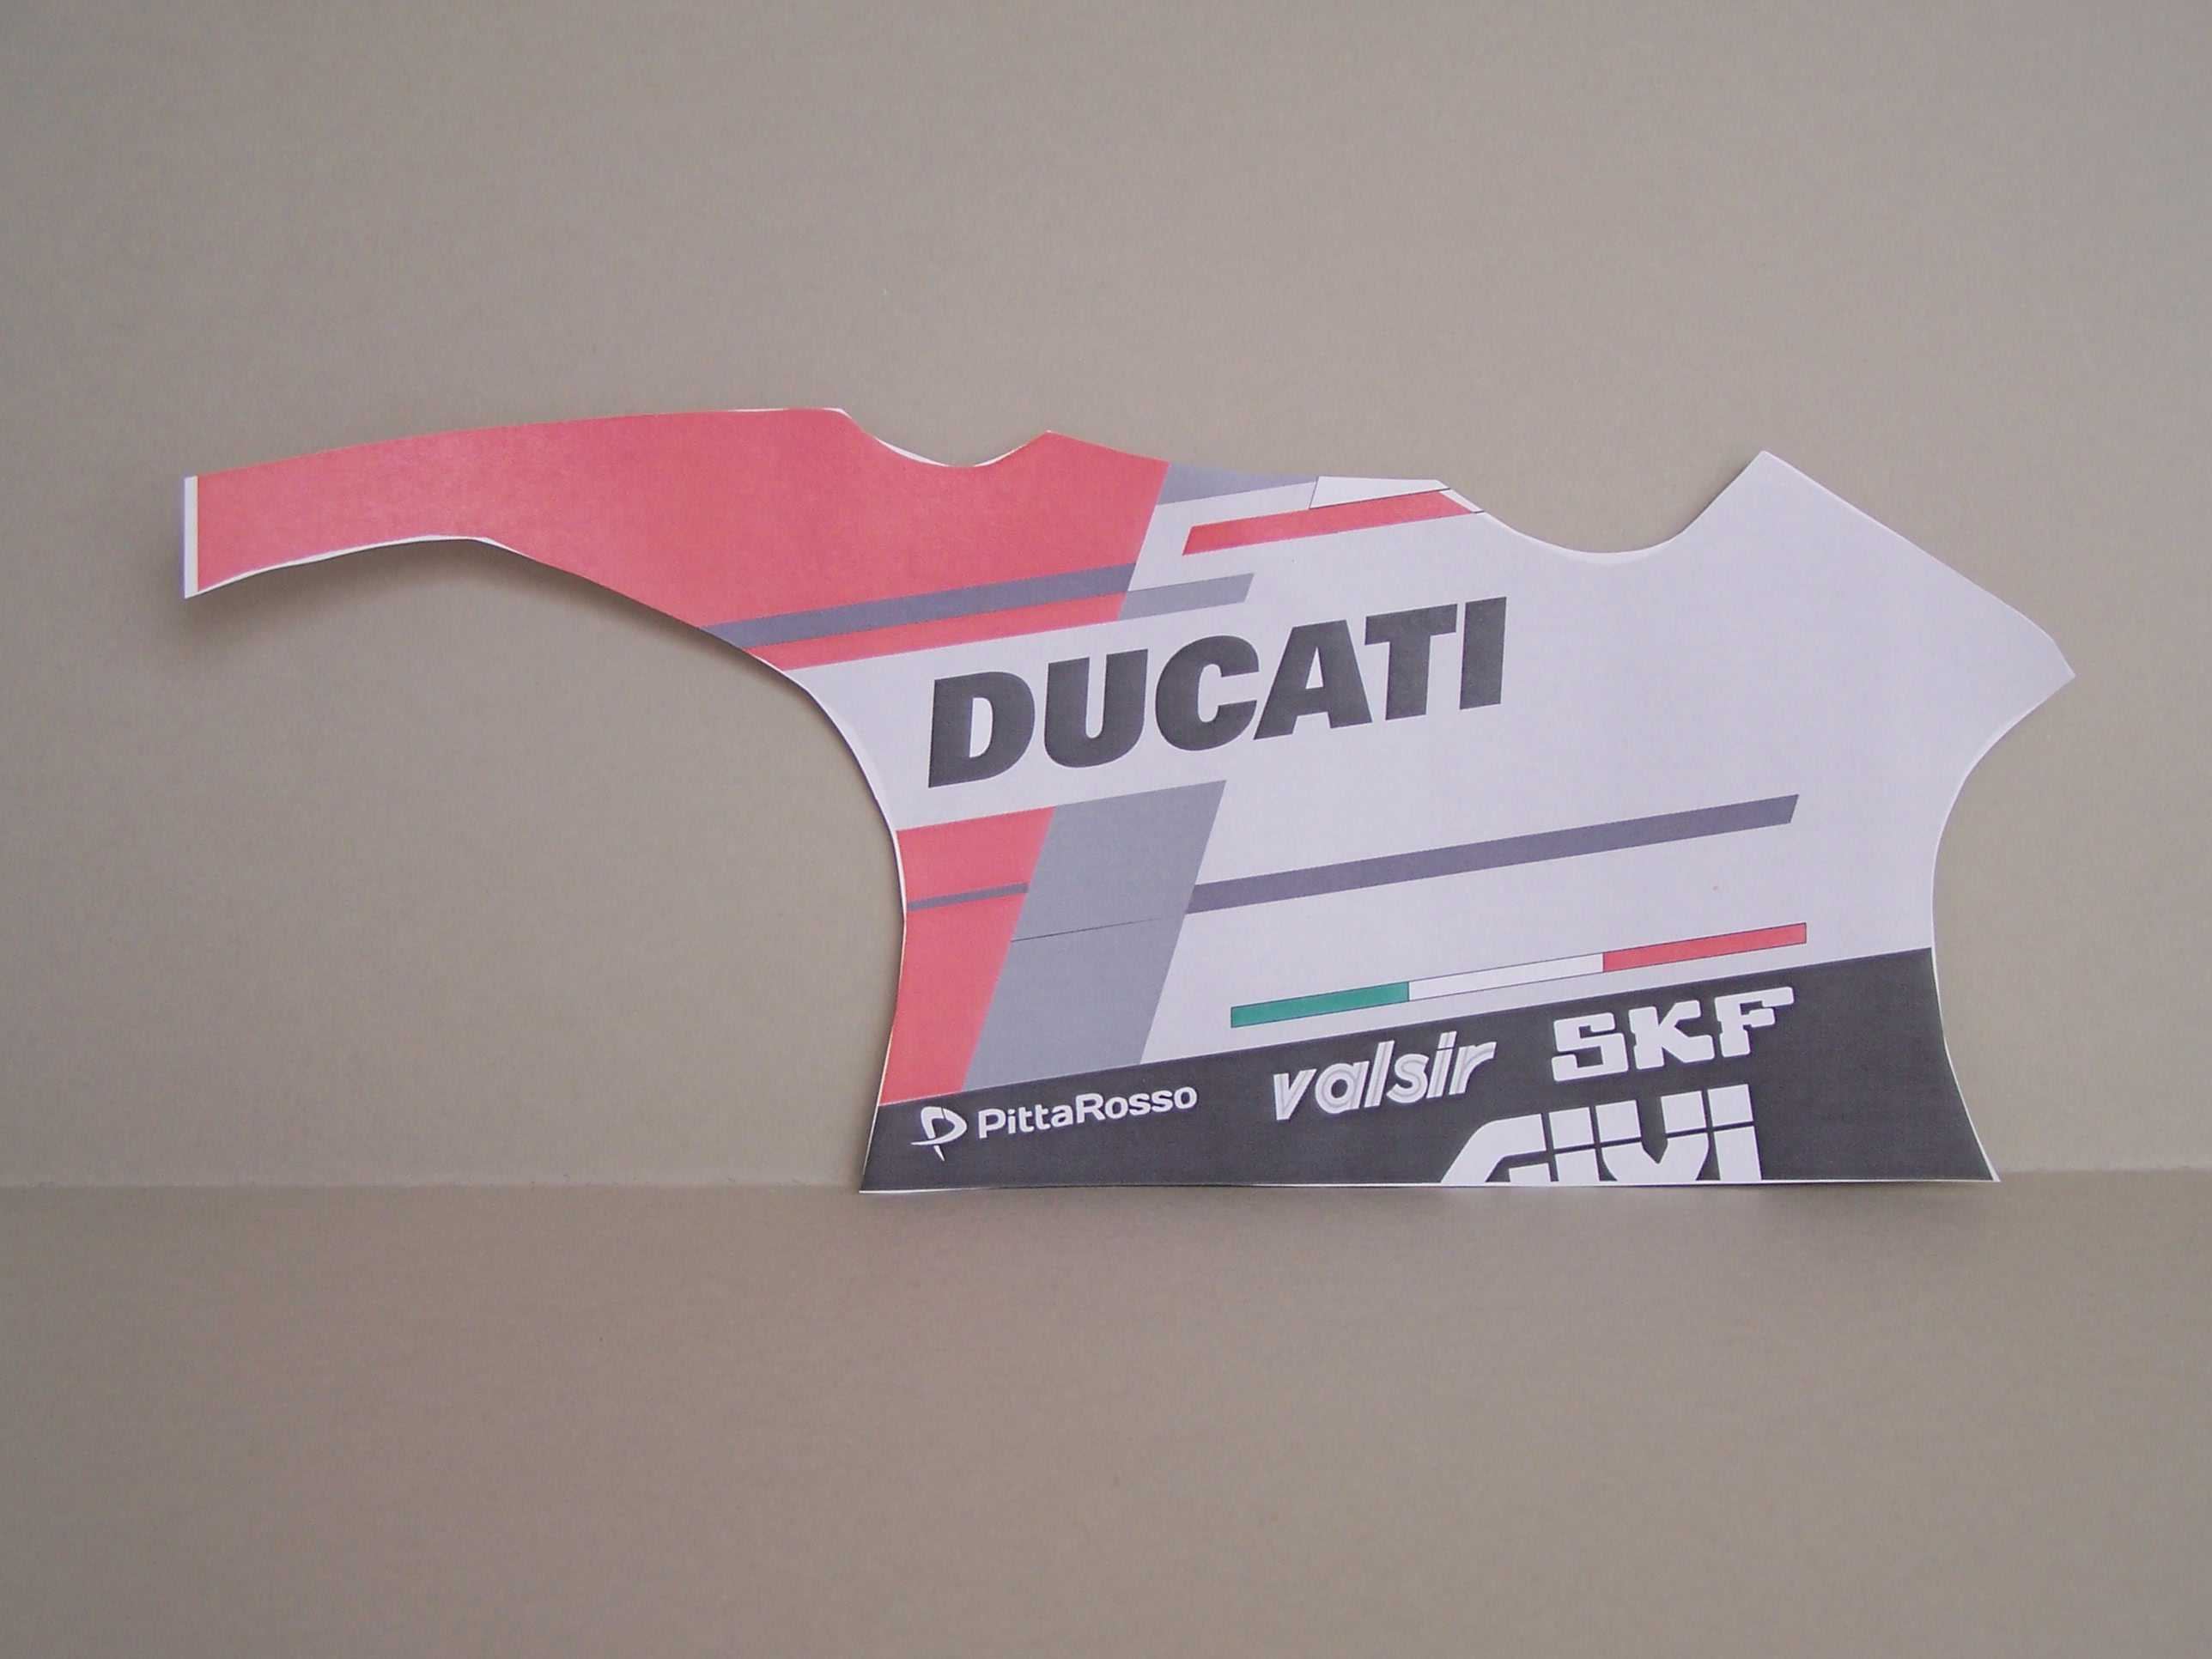 [Ducati-Dovi-2018.jpg]